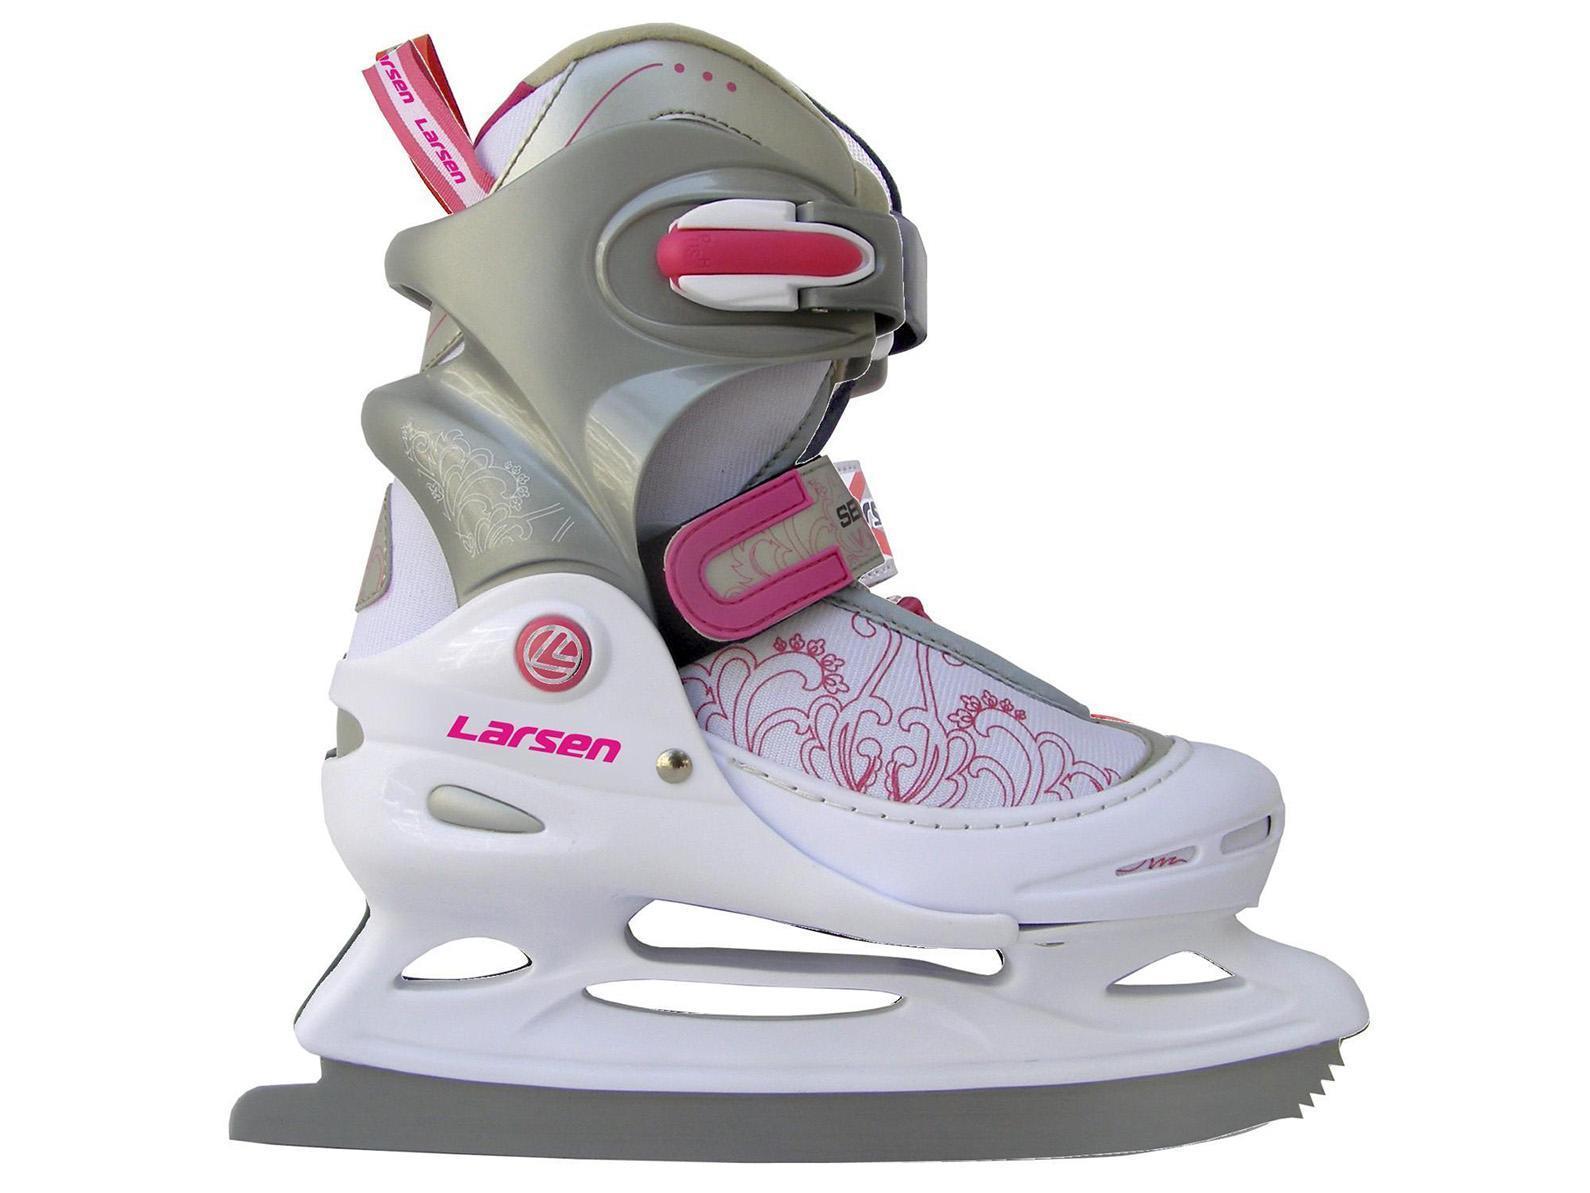 Коньки ледовые женские Larsen, раздвижные, цвет: серый, розовый, белый. Liberty 2014-2015. Размер 38/41PW-333Прогулочные коньки для свободного катания на льду. В коньках используются морозоустойчивые материалы повышенной прочности.